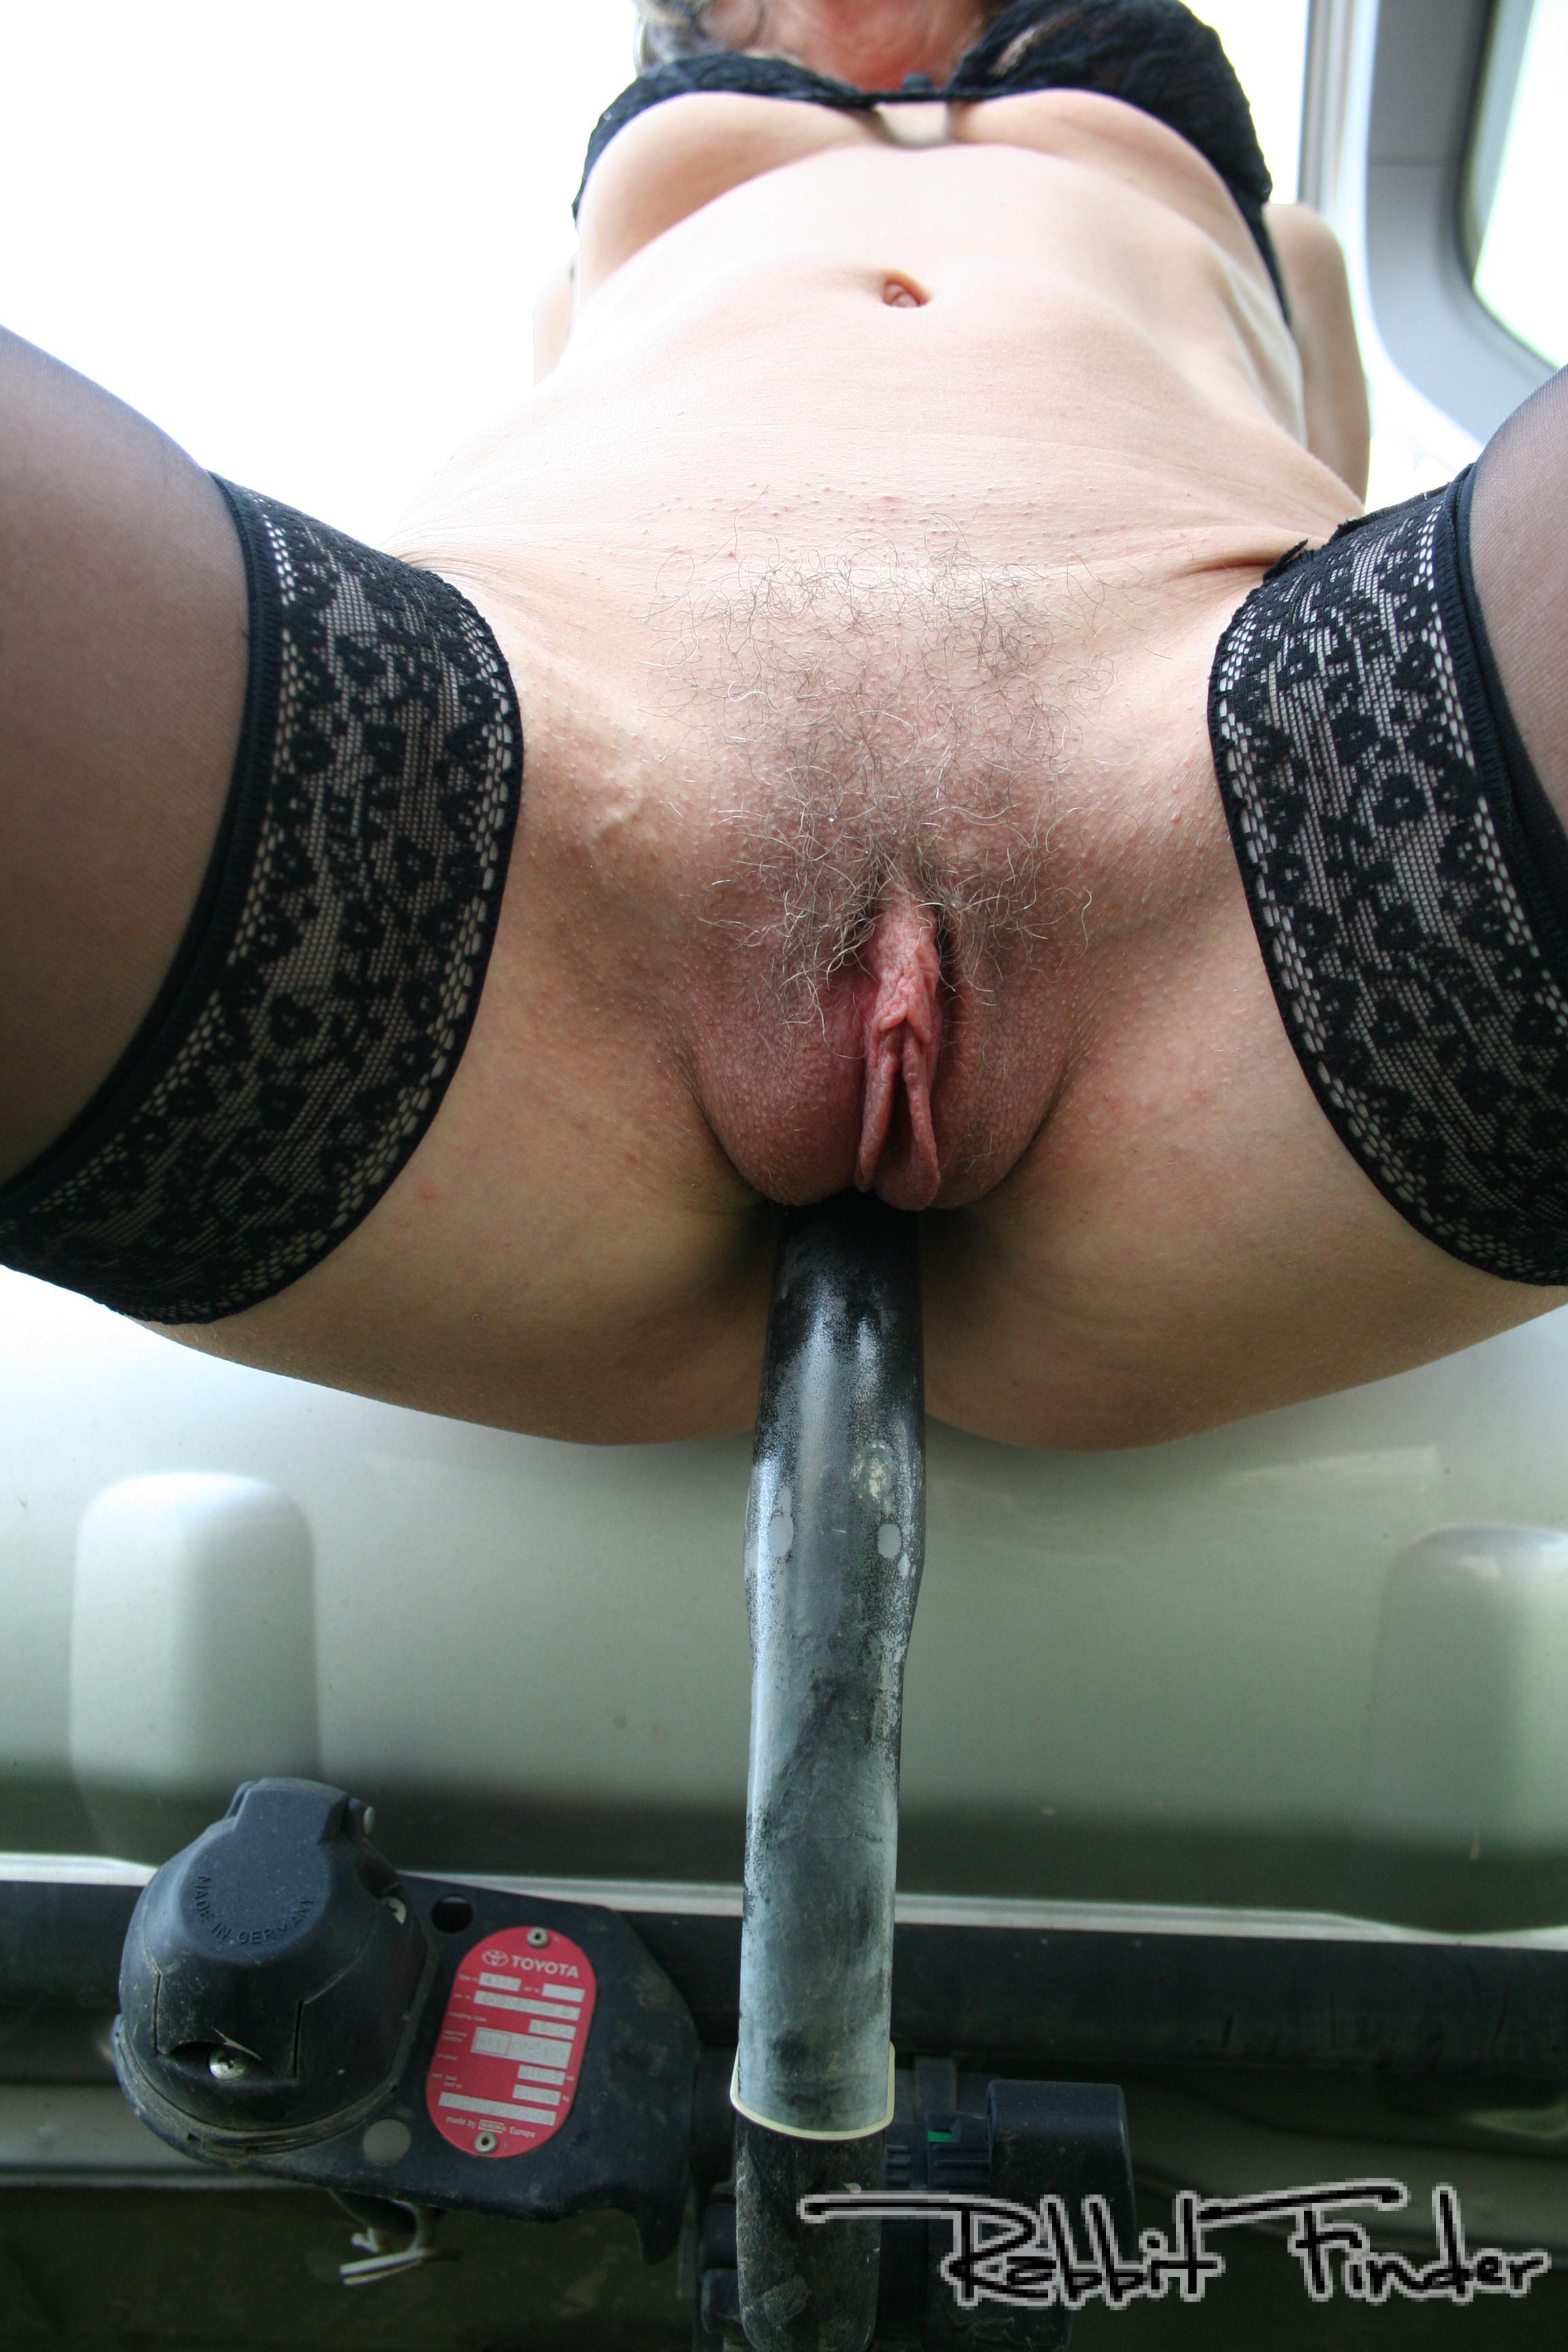 photo sexe amateur escort girl corse